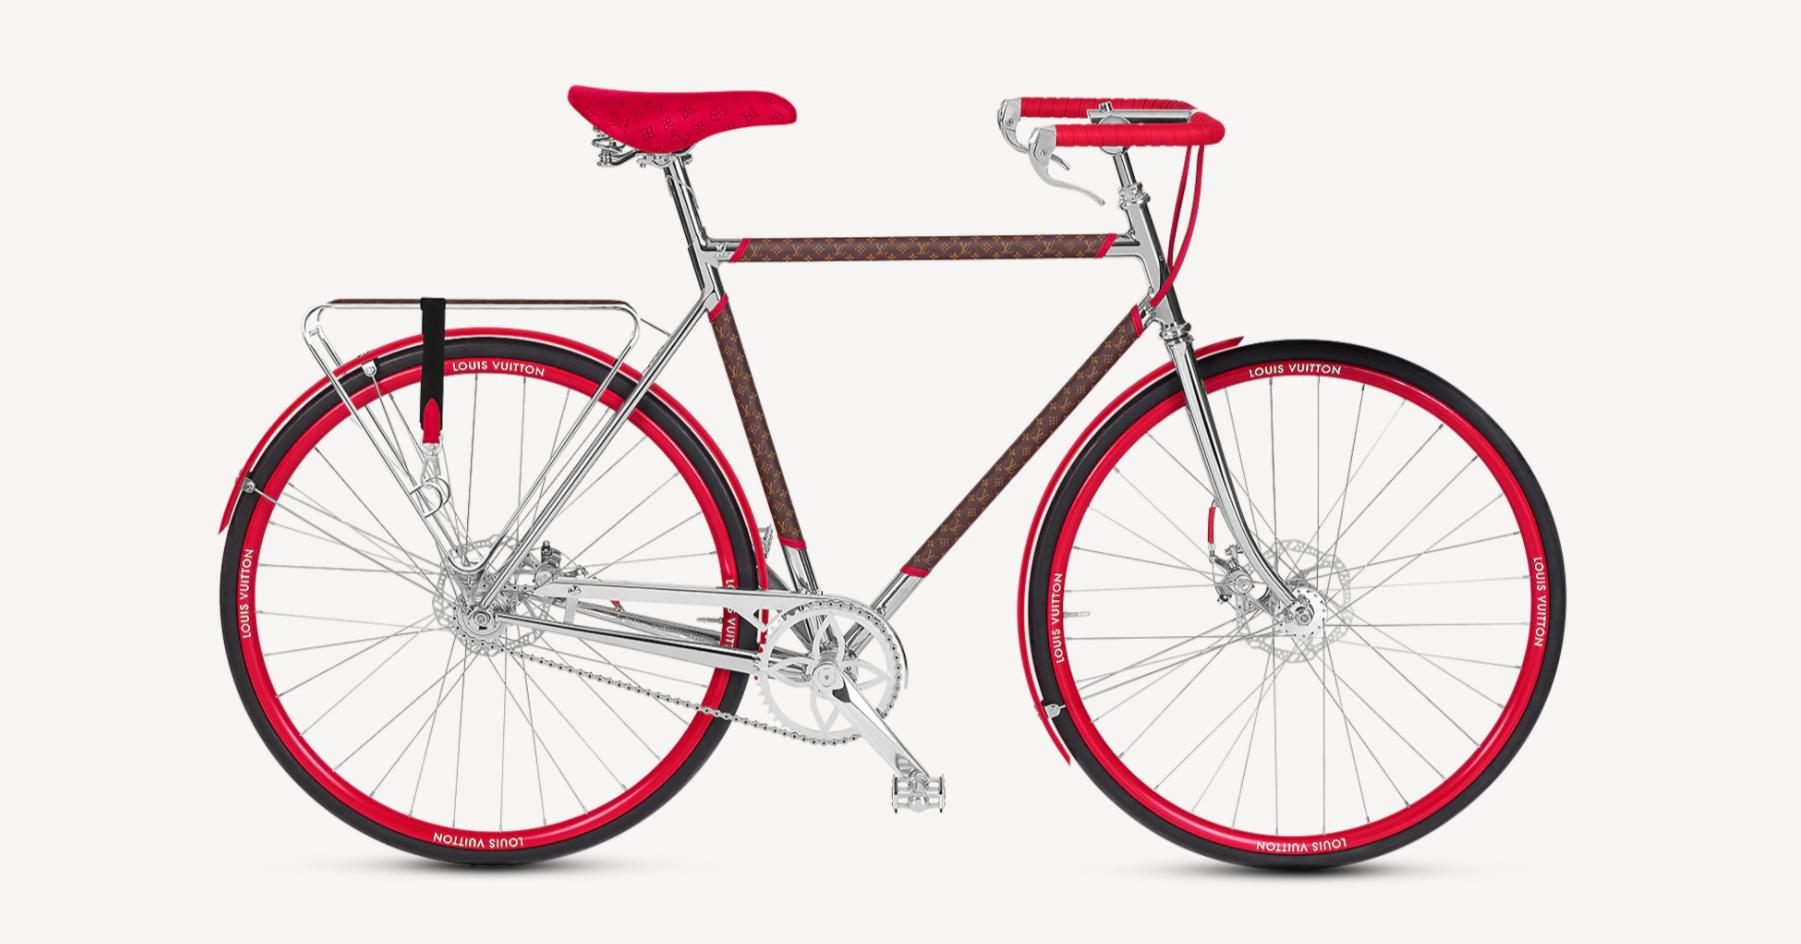 लुई Vuitton US$28,900 की कम, कम कीमत पर बाइक गेम में प्रवेश करता है